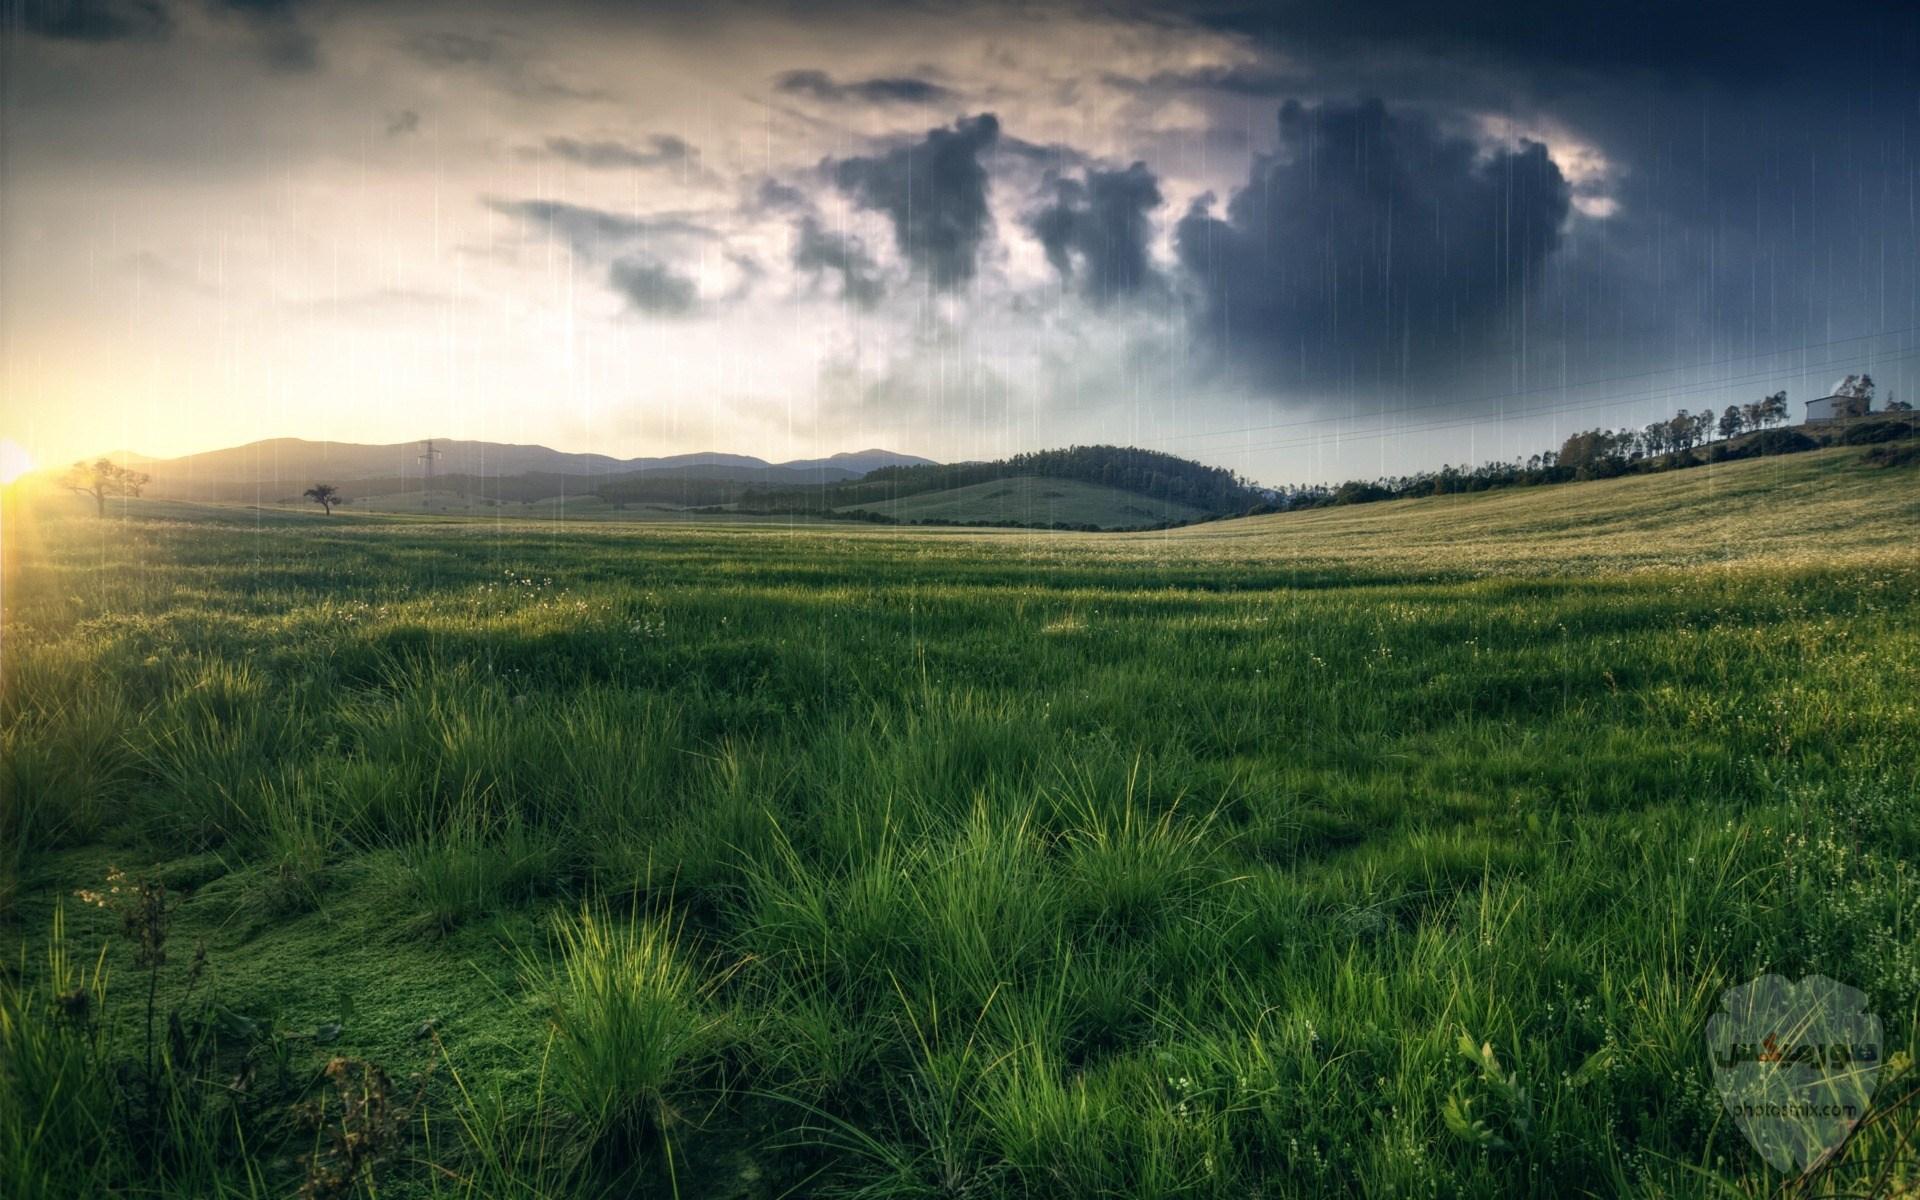 صور مطر جميلة اجمل خلفيات قطرات المطر ادعية عن الامطار والشتاء 11 1